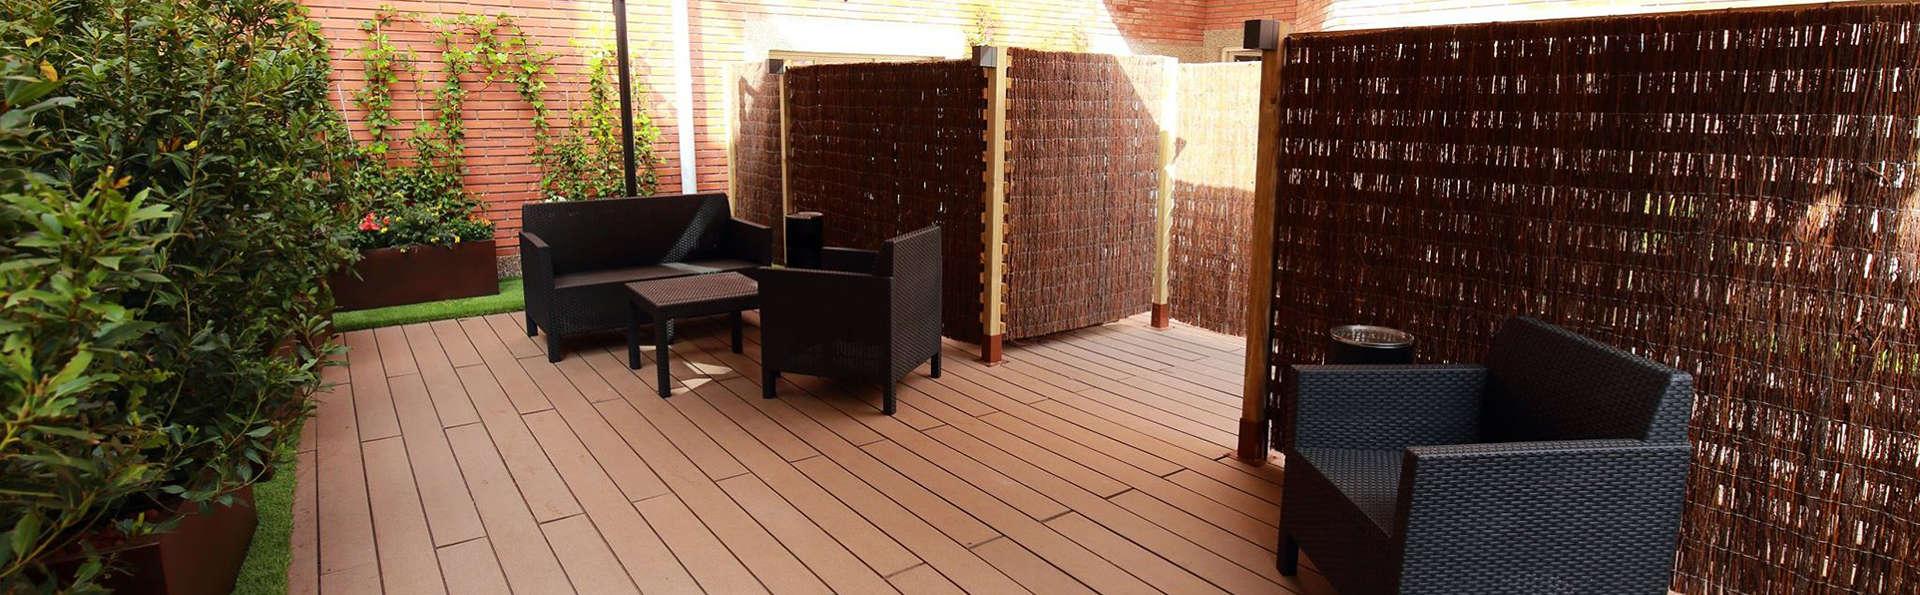 Gran Hotel España Atiram Hotels - EDIT_NEW_TERRACE.jpg